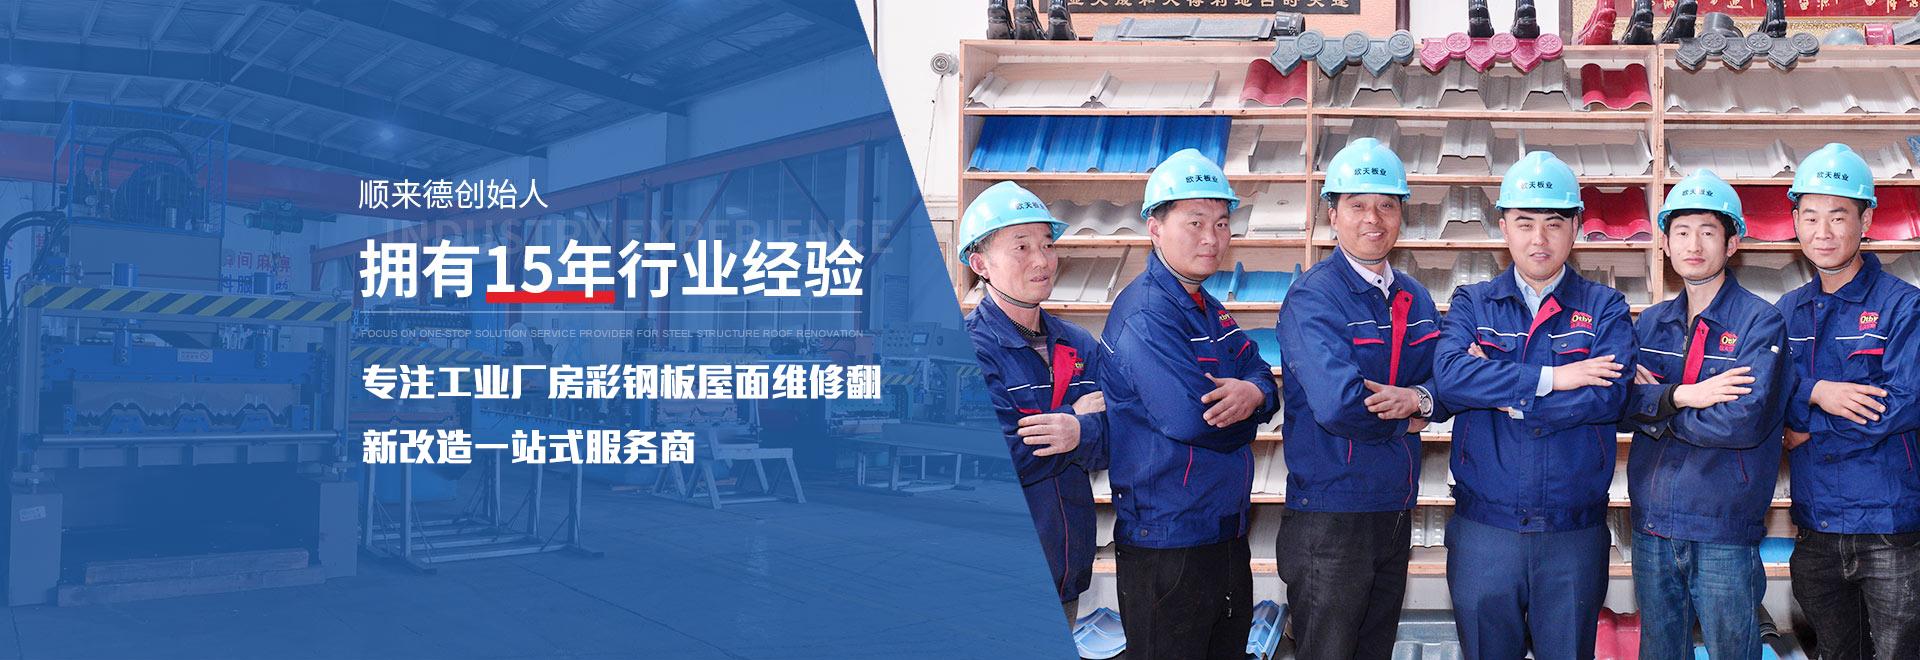 顺来德创始人拥有15年行业经验  专注于钢结构屋面改造 一站式方案解决服务商